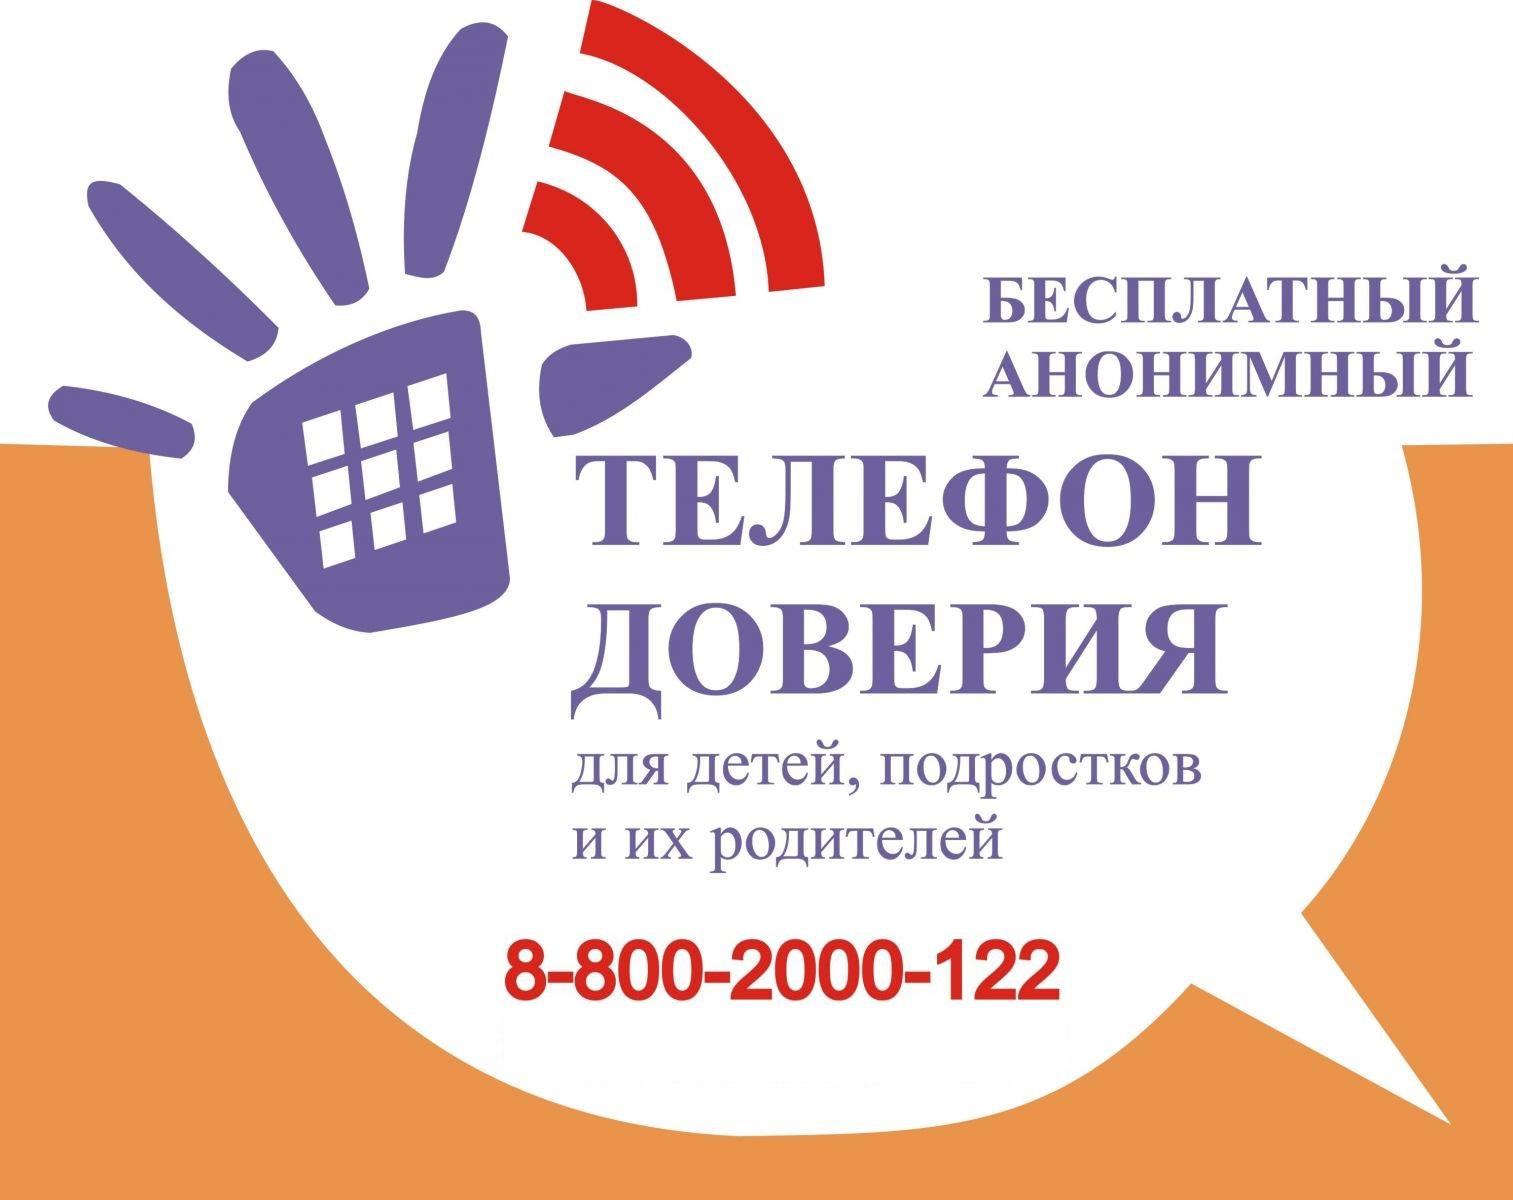 Телефон-доверия-8-800-2000-122